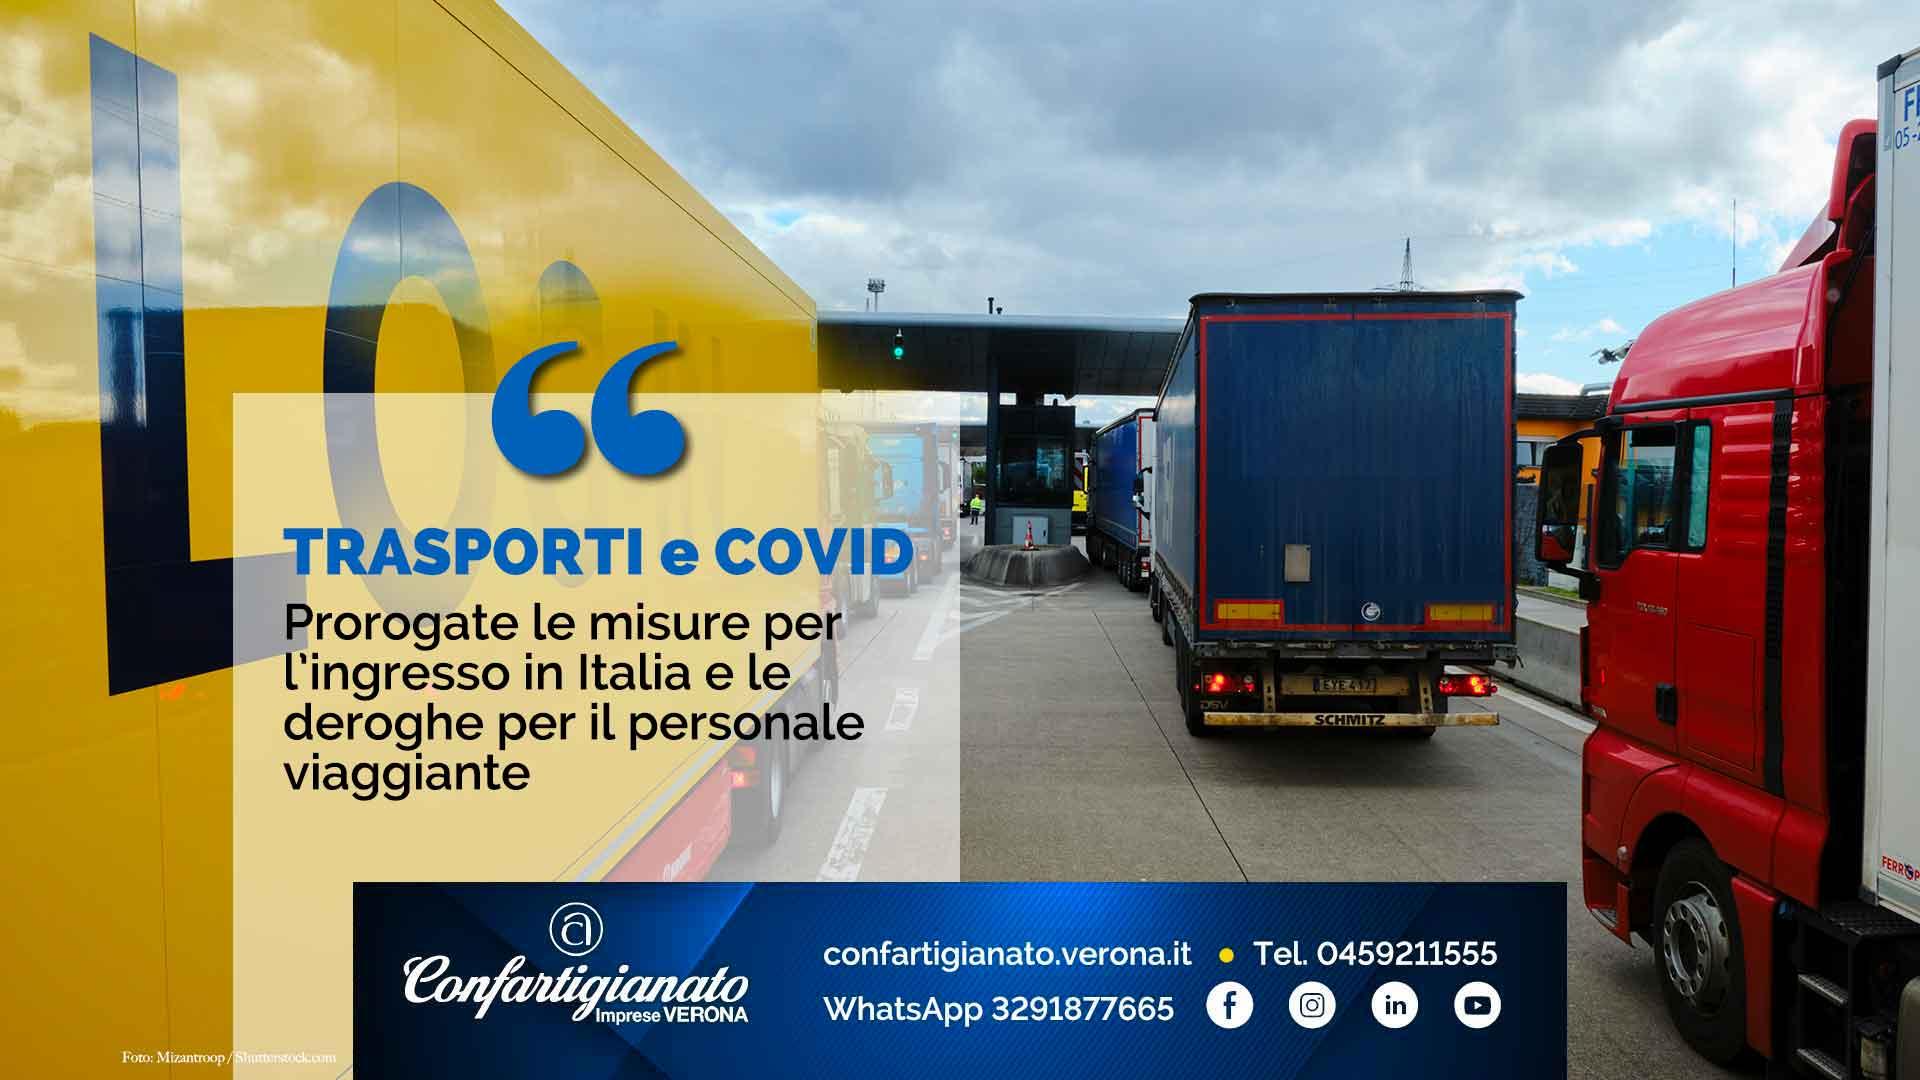 TRASPORTI e COVID-19 – Prorogate le misure per l'ingresso in Italia e le deroghe per il personale viaggiante